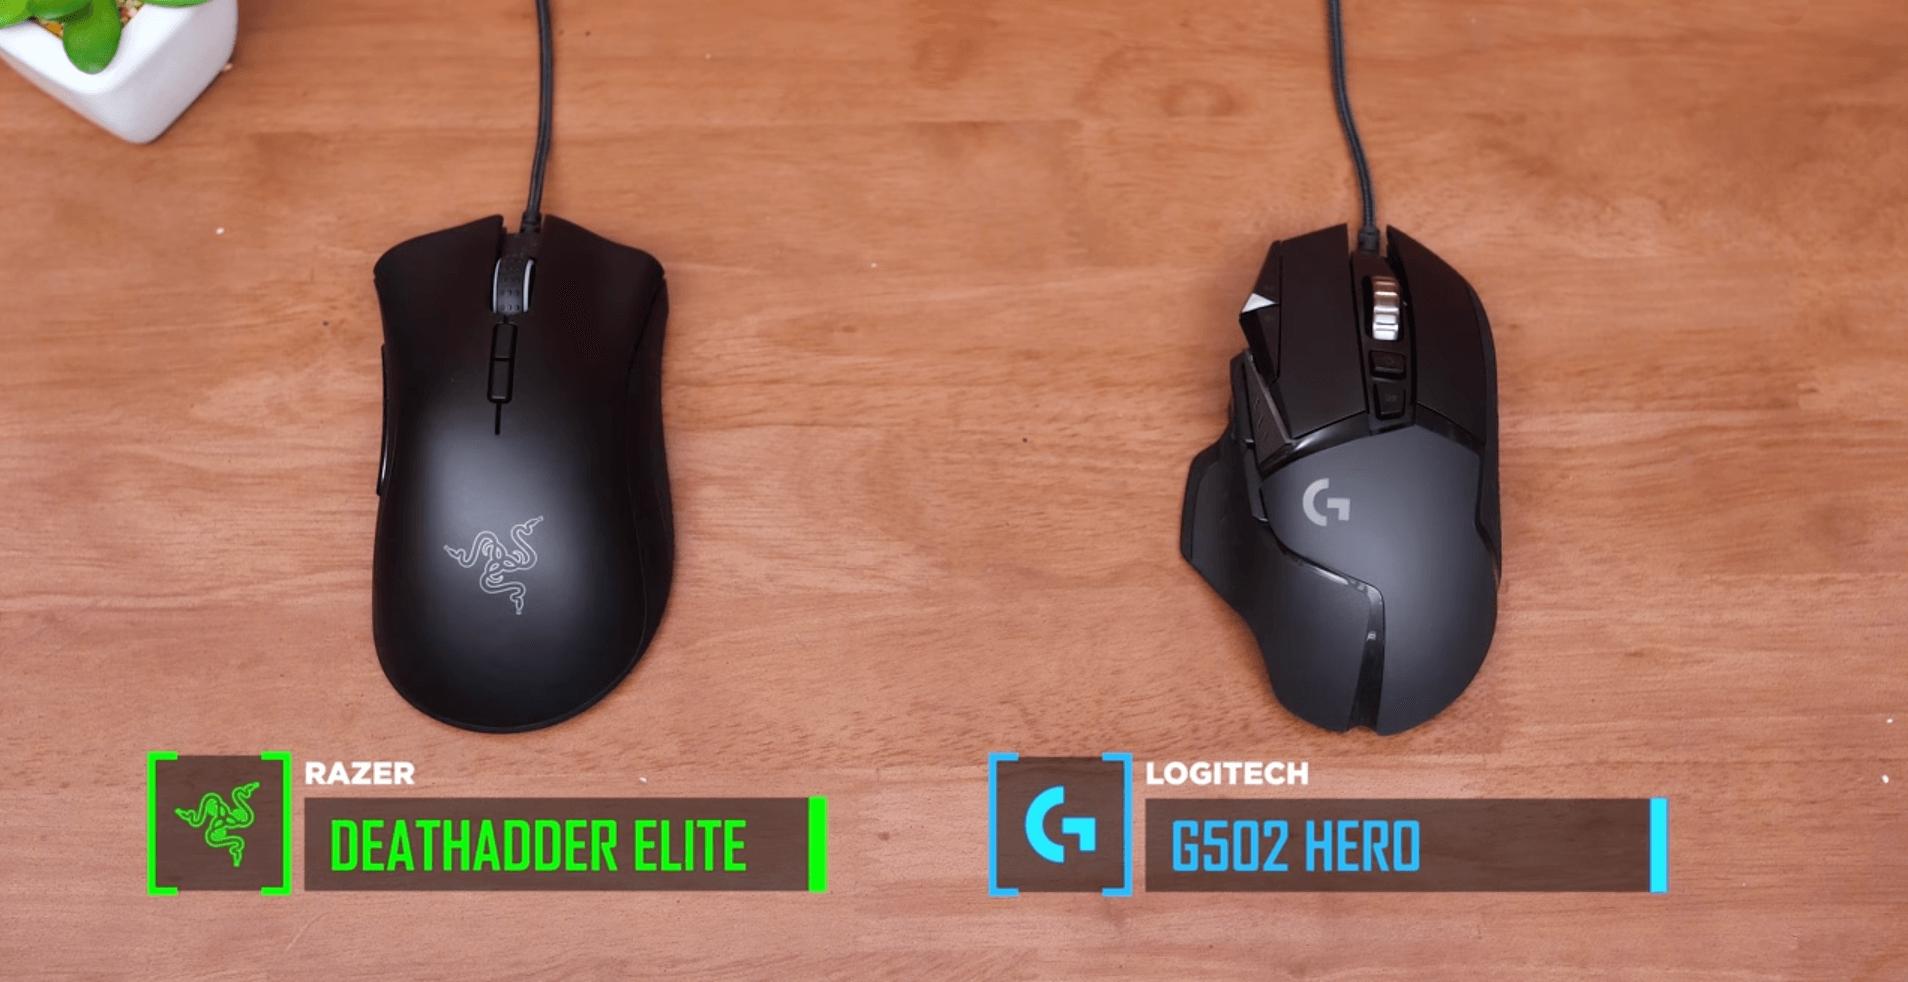 Logitech G502 vs Razer DeathAdder